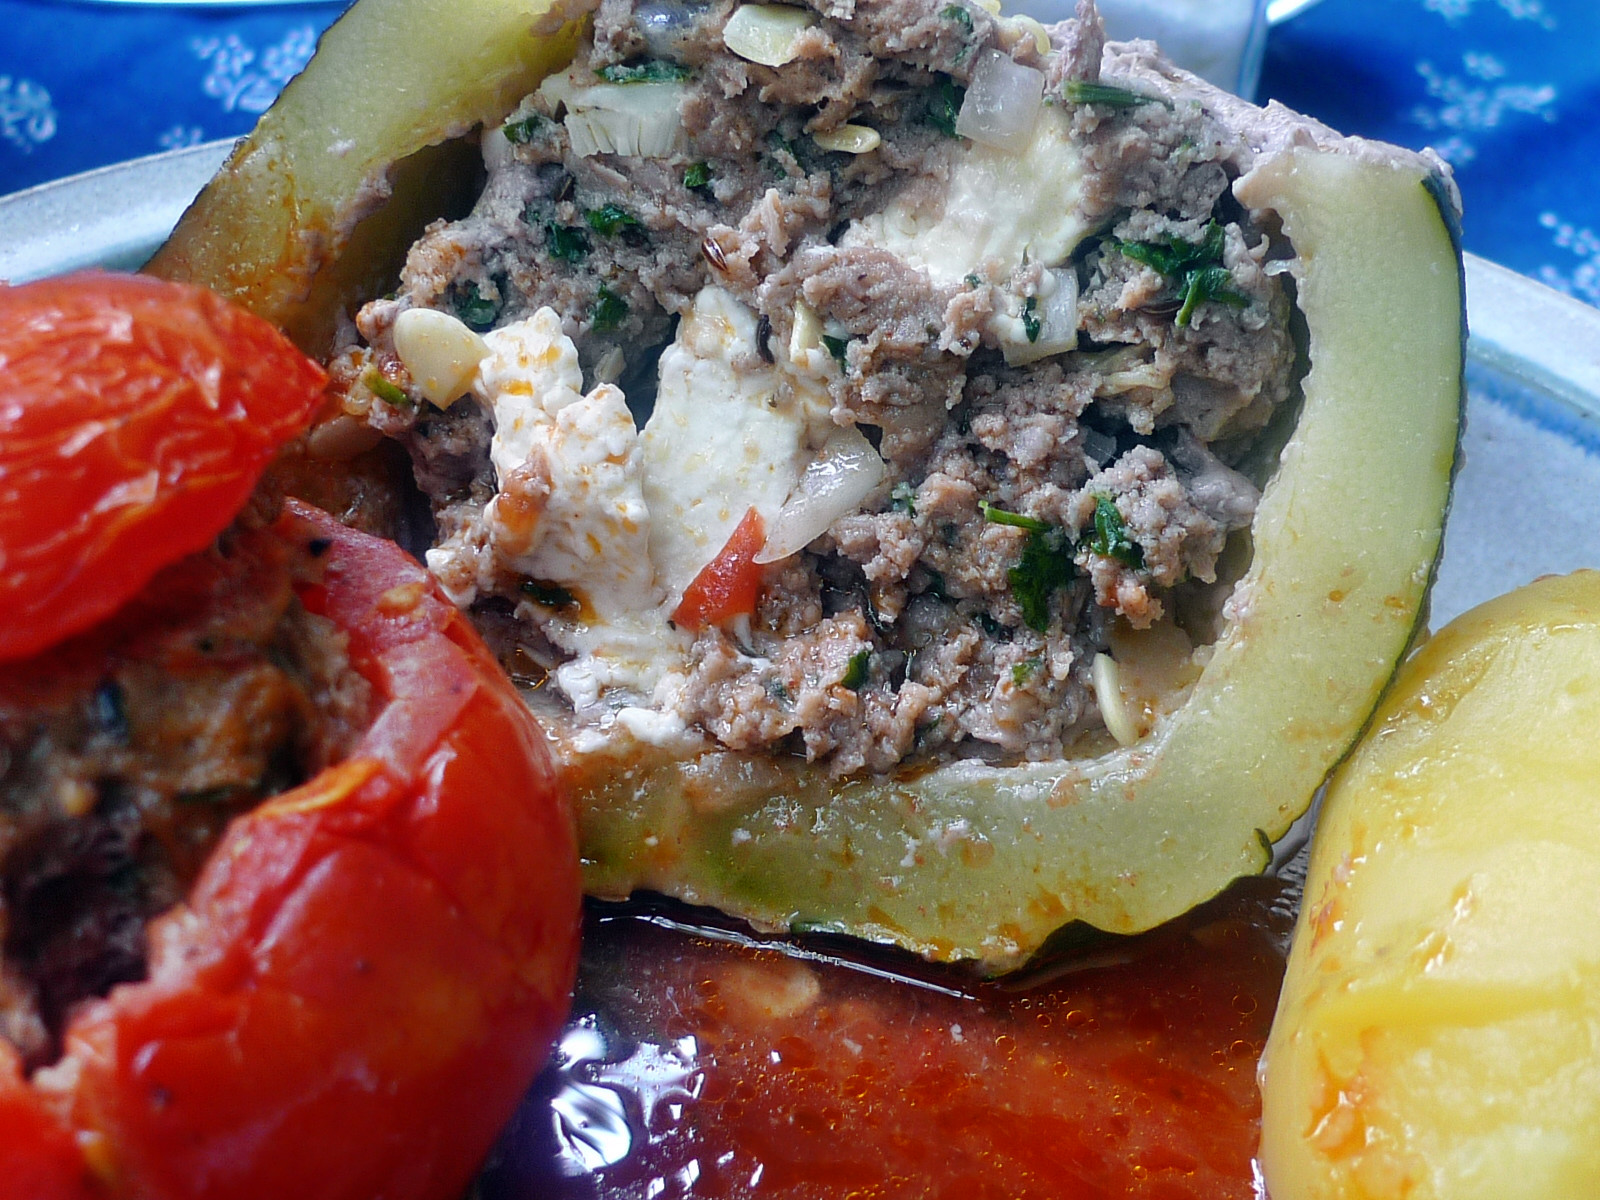 gefüllte Zucchini und Paprika-7.8.14  (21)